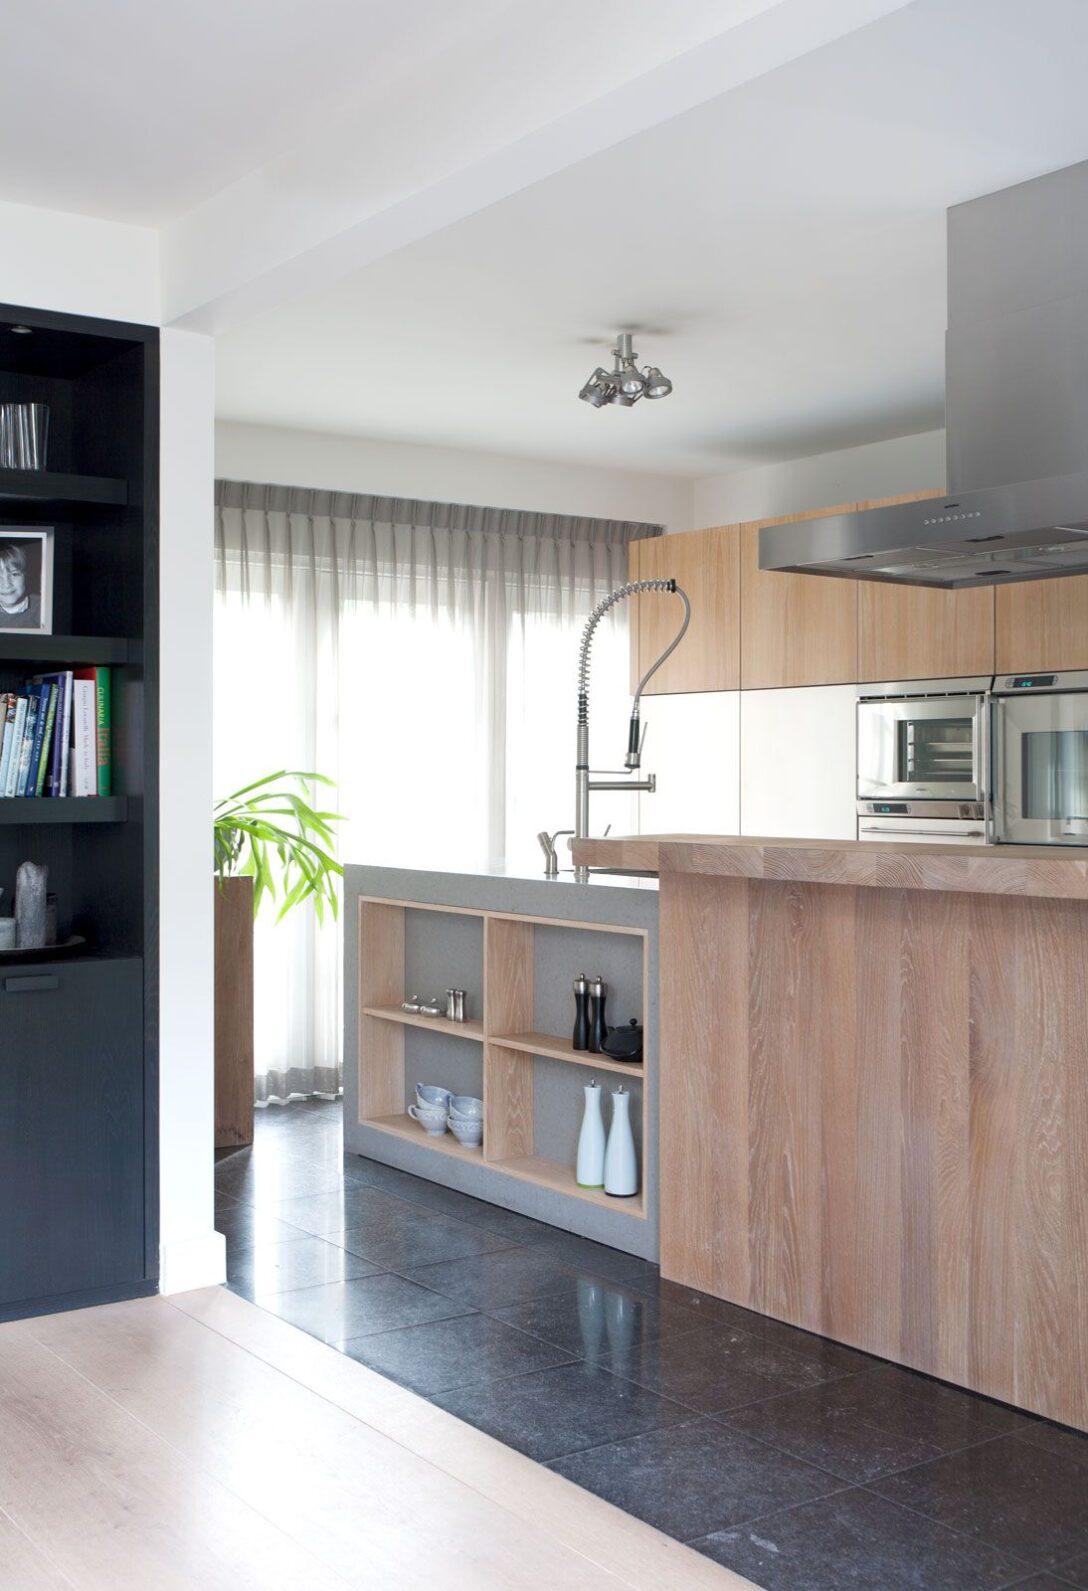 Large Size of Cocoon Modulküche Modern Wooden Kitchen In Dutch Villa Salle Manger Cuisine Ikea Holz Wohnzimmer Cocoon Modulküche